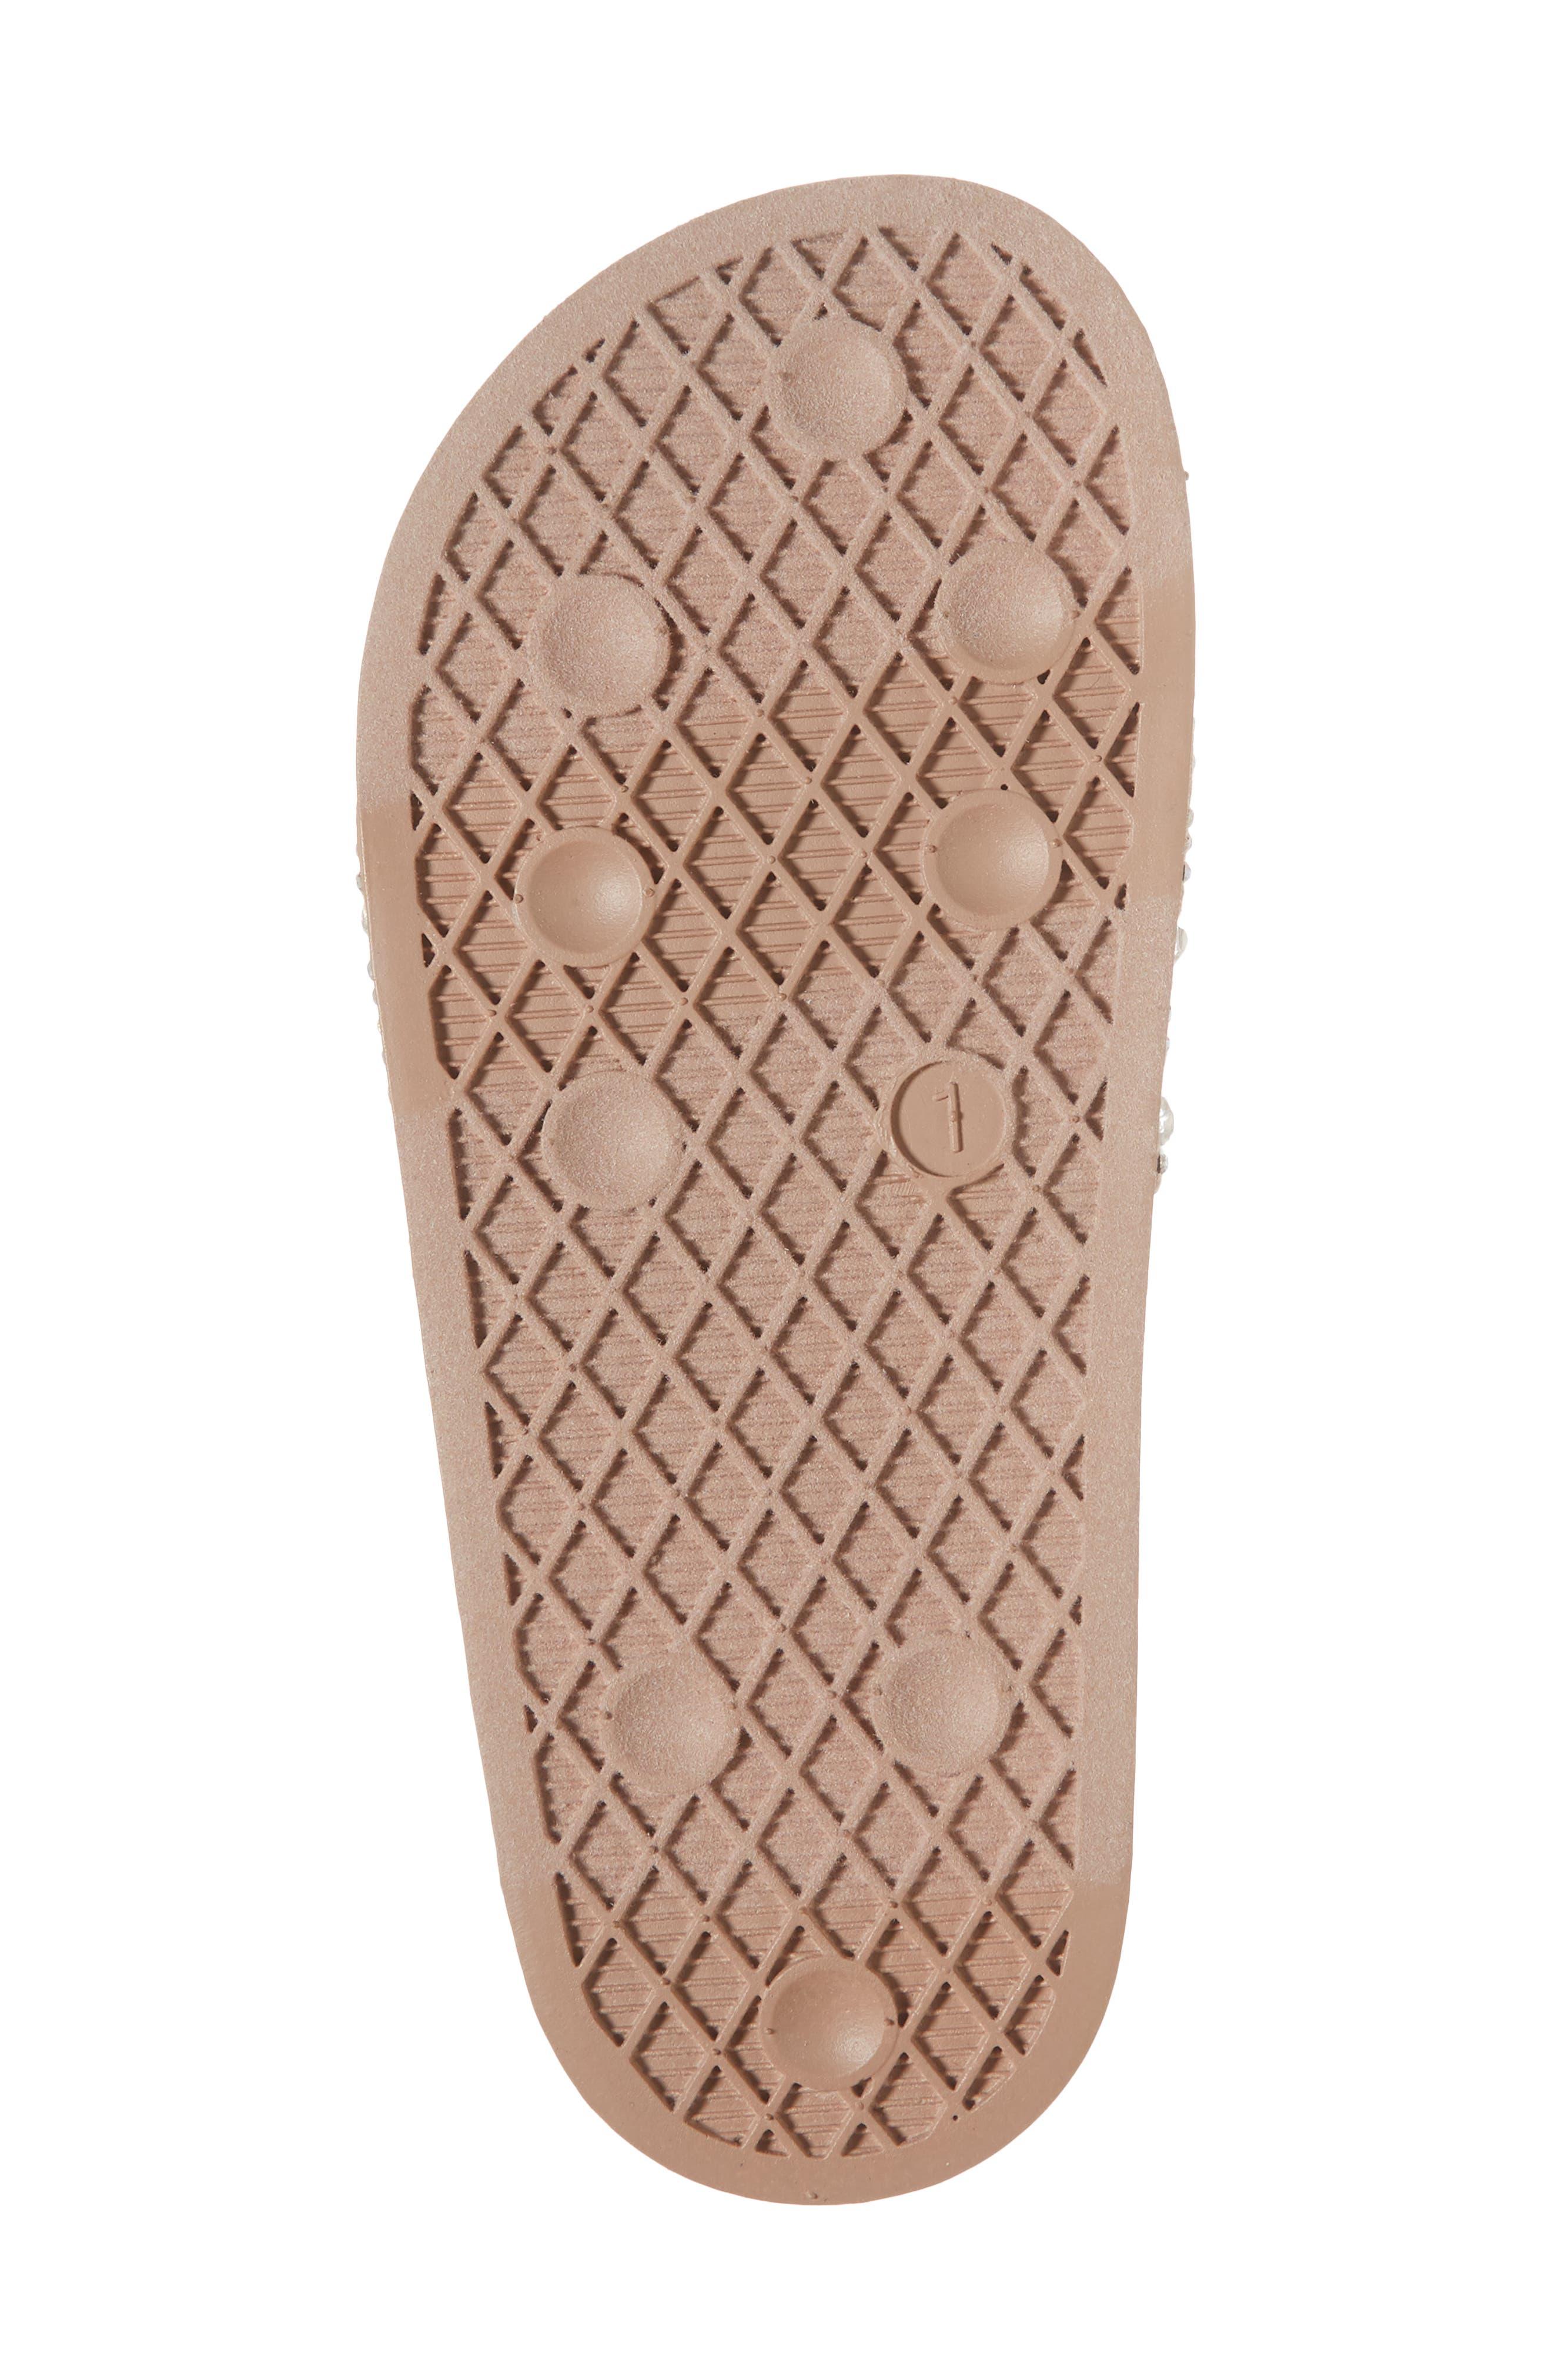 JDAZZLE Crystal Embellished Slide Sandal,                             Alternate thumbnail 6, color,                             Blush